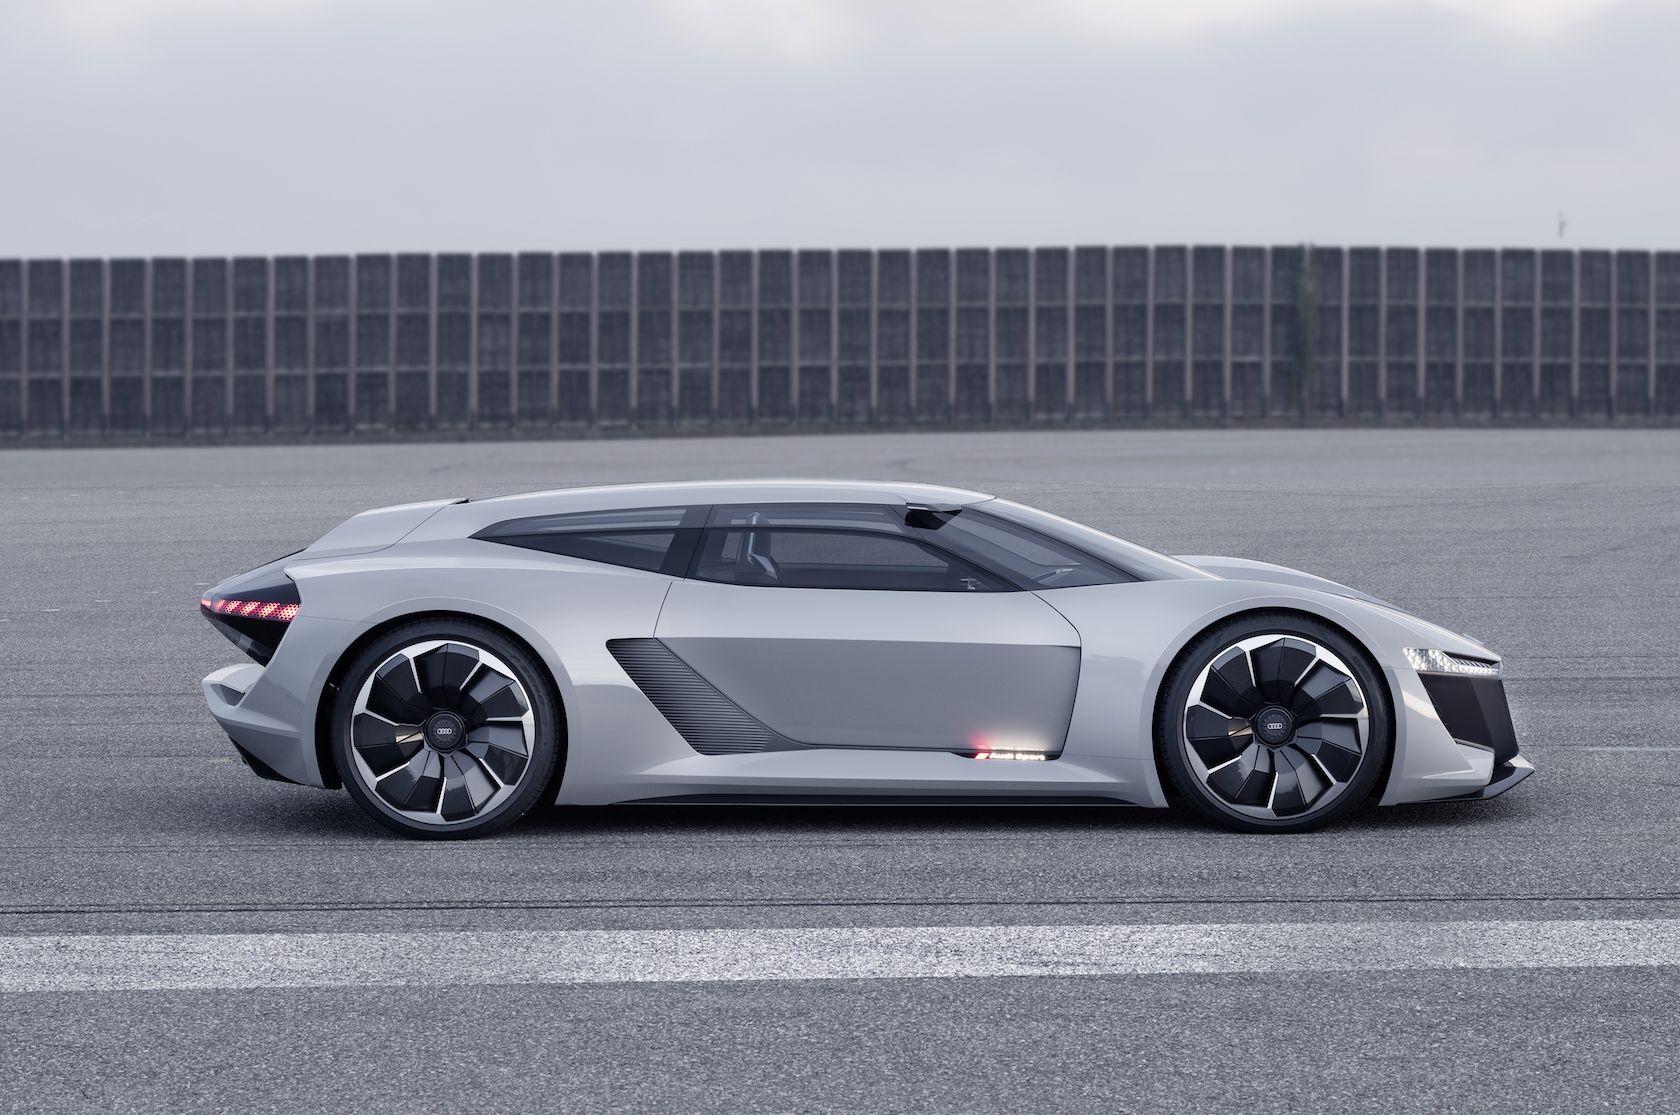 Audi Pb18 E Tron Concept Is A Vision Of Electric Excellence Audi Superauto Fahrzeuge